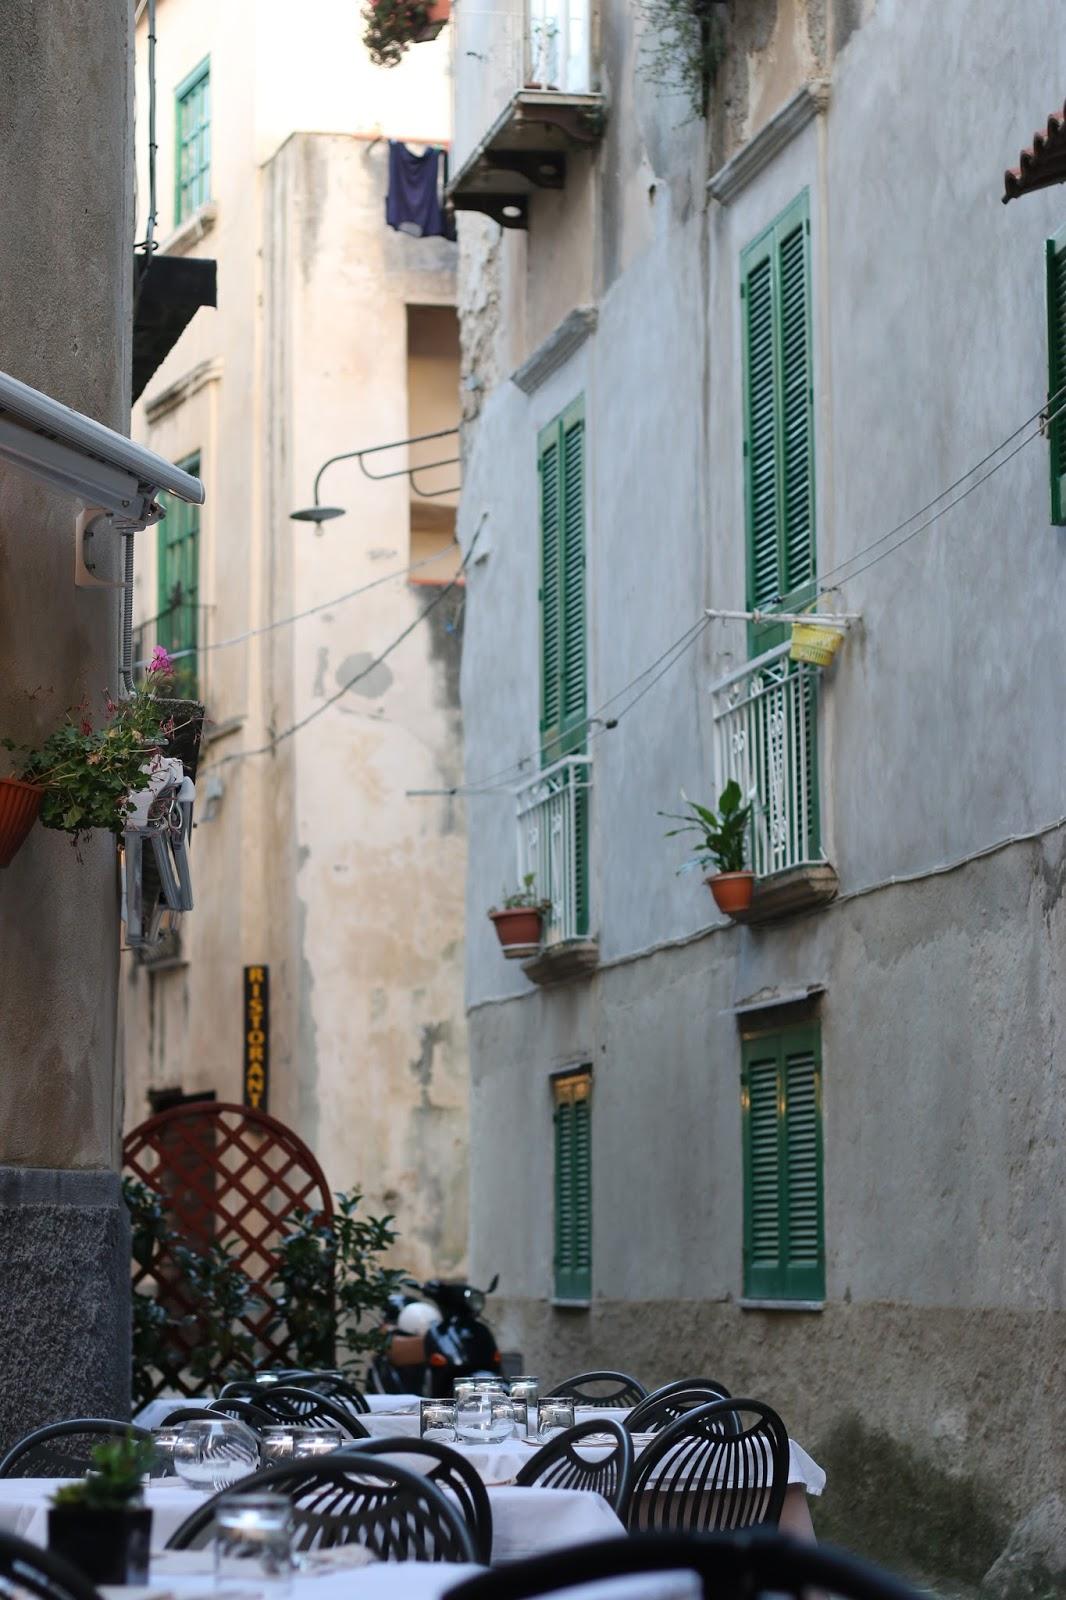 tiny italian streets